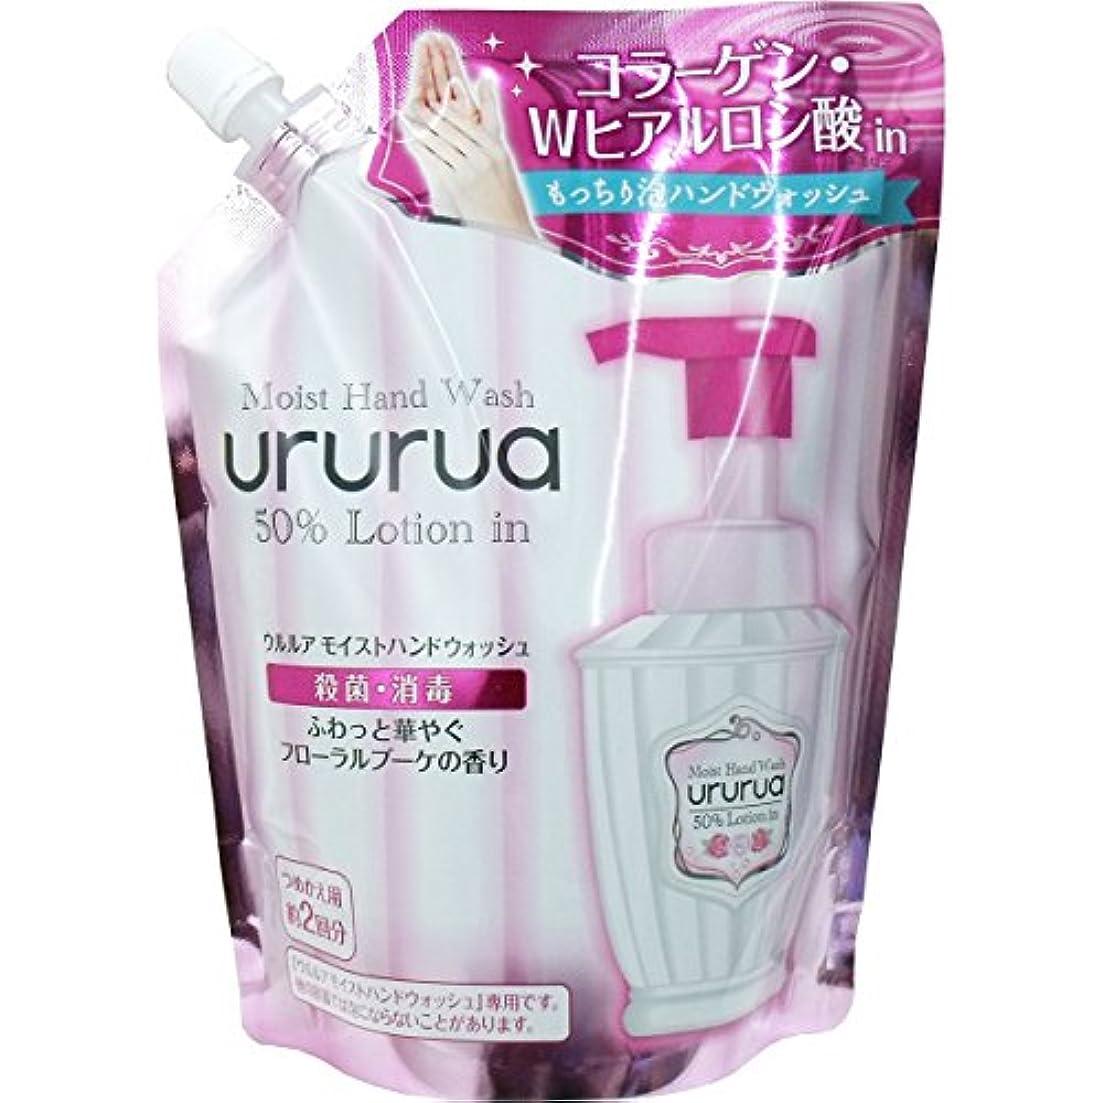 分布感情のもつれ【牛乳石鹸】ウルルア モイストハンドウォッシュ つめかえ用 420ml ×3個セット